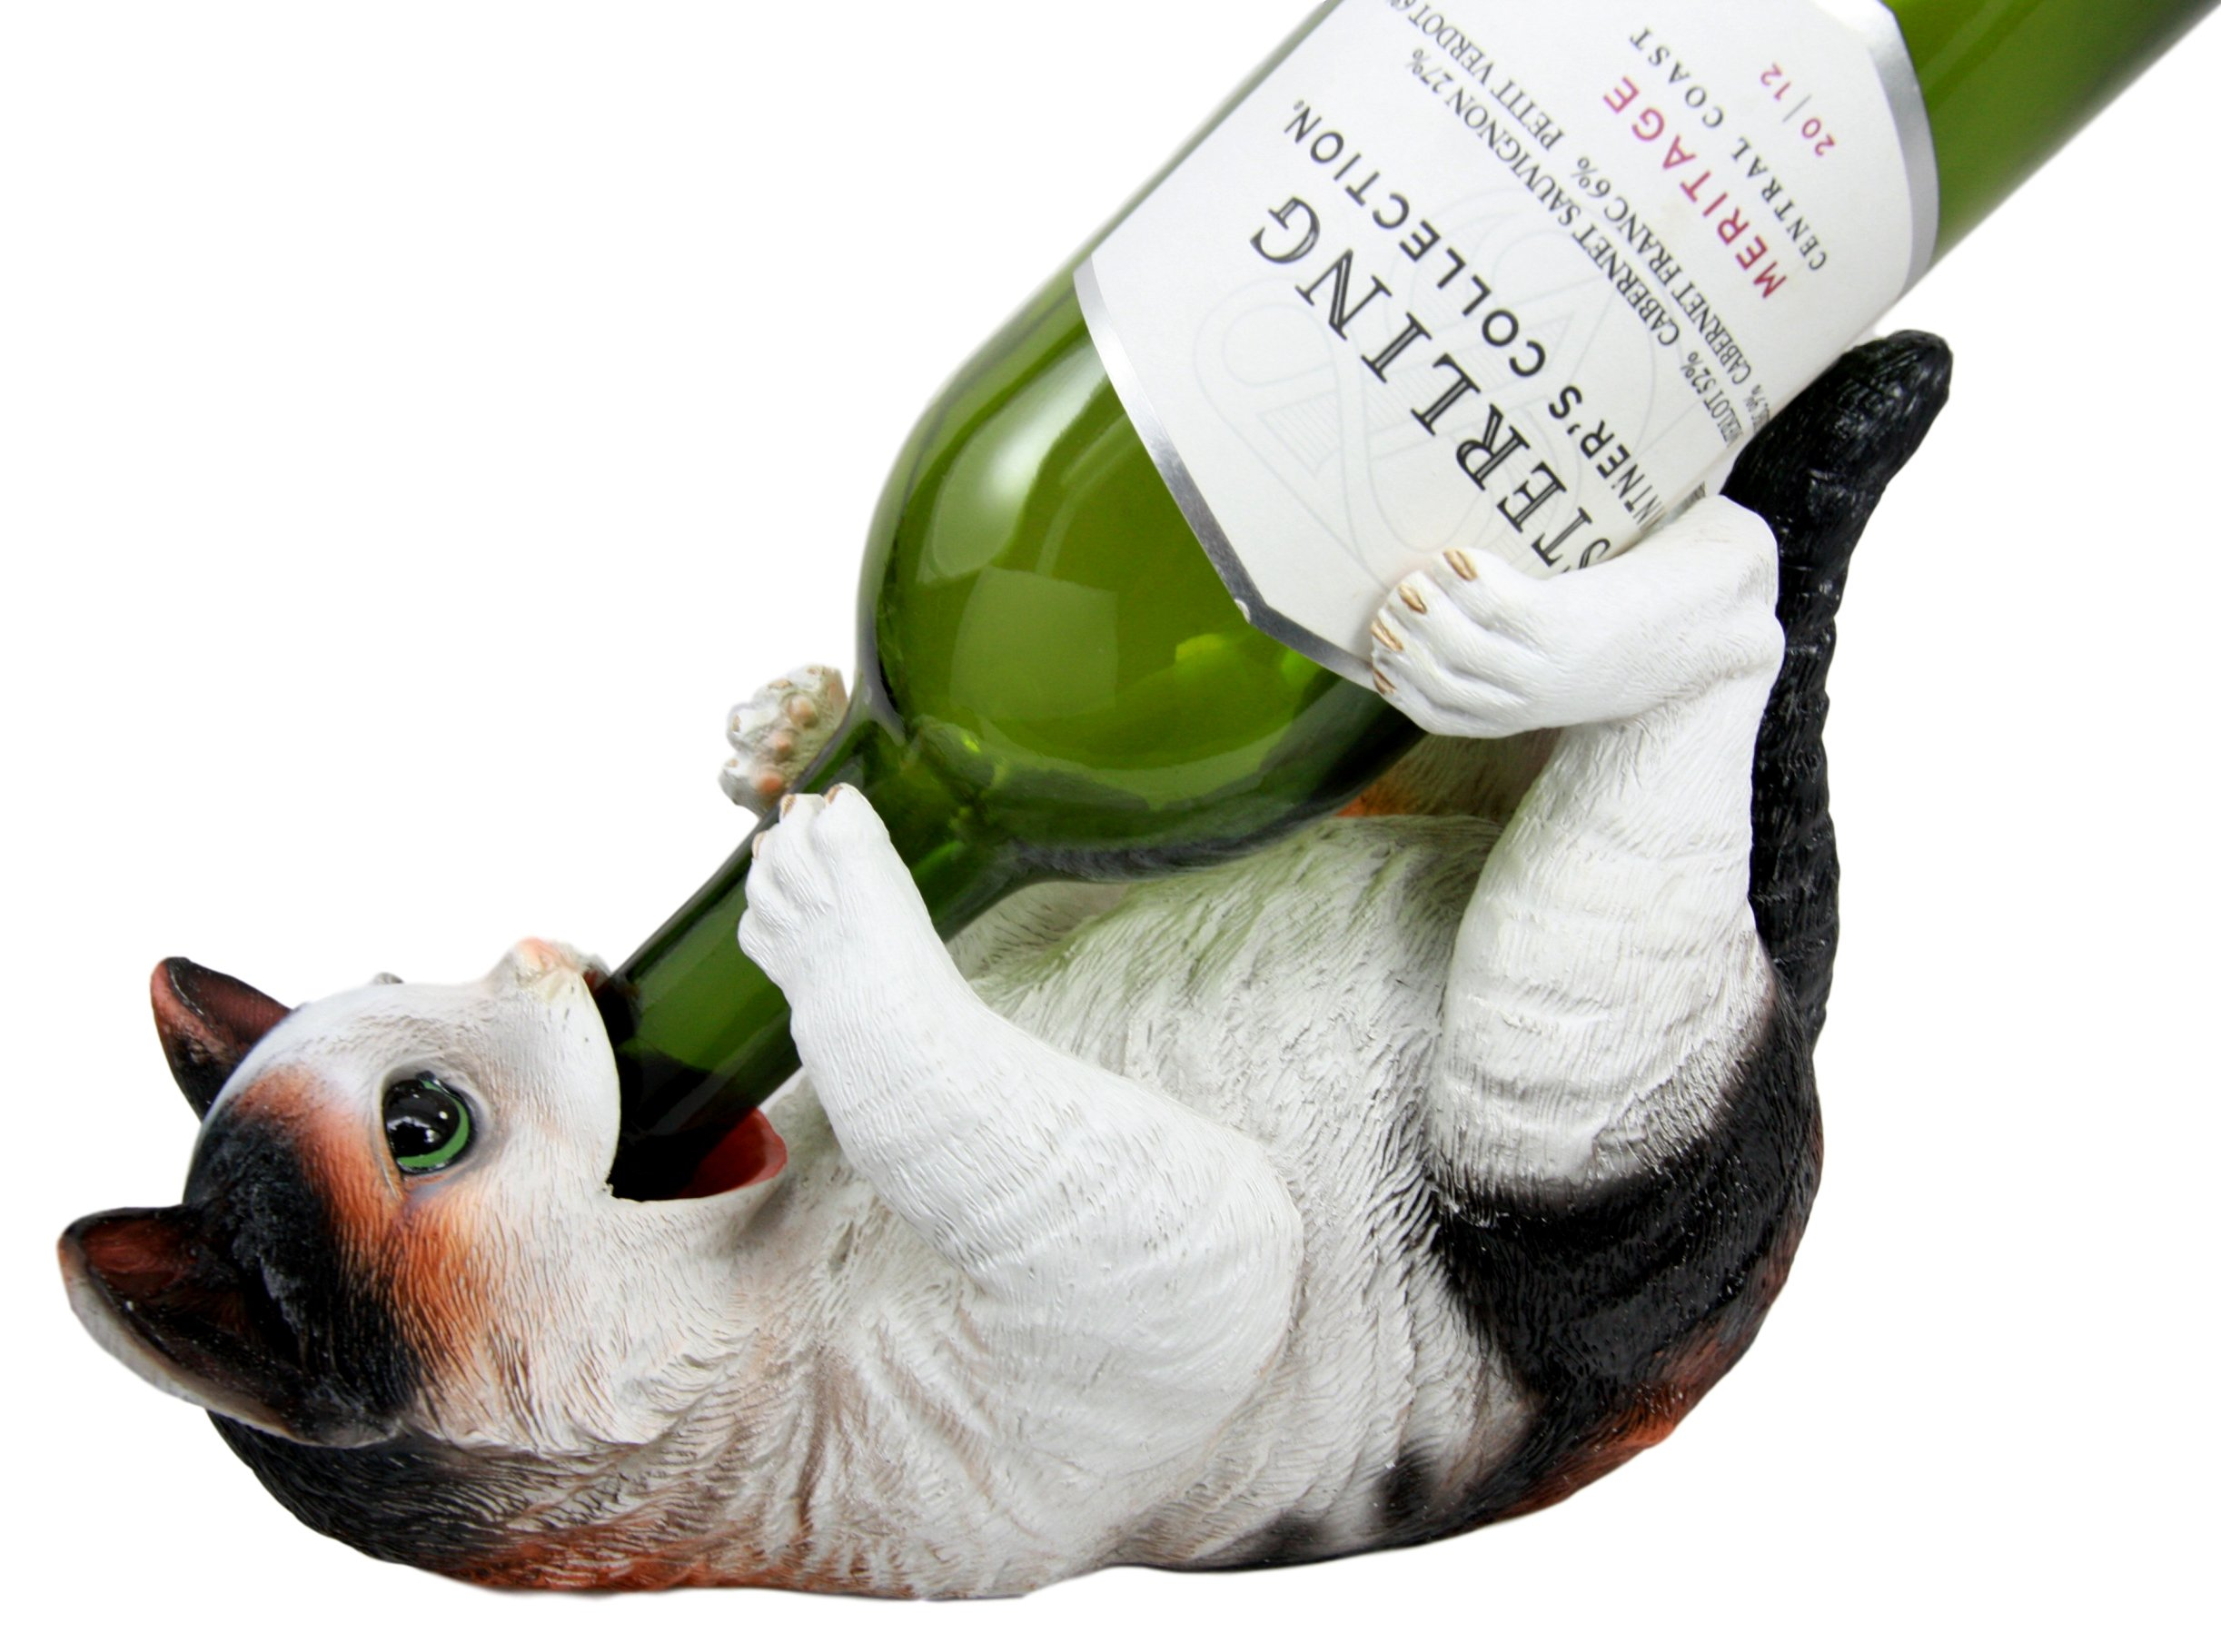 Atlántico coleccionables gatos Calico americano Shorthair gato para botella de vino soporte para figura decorativa: Amazon.es: Hogar